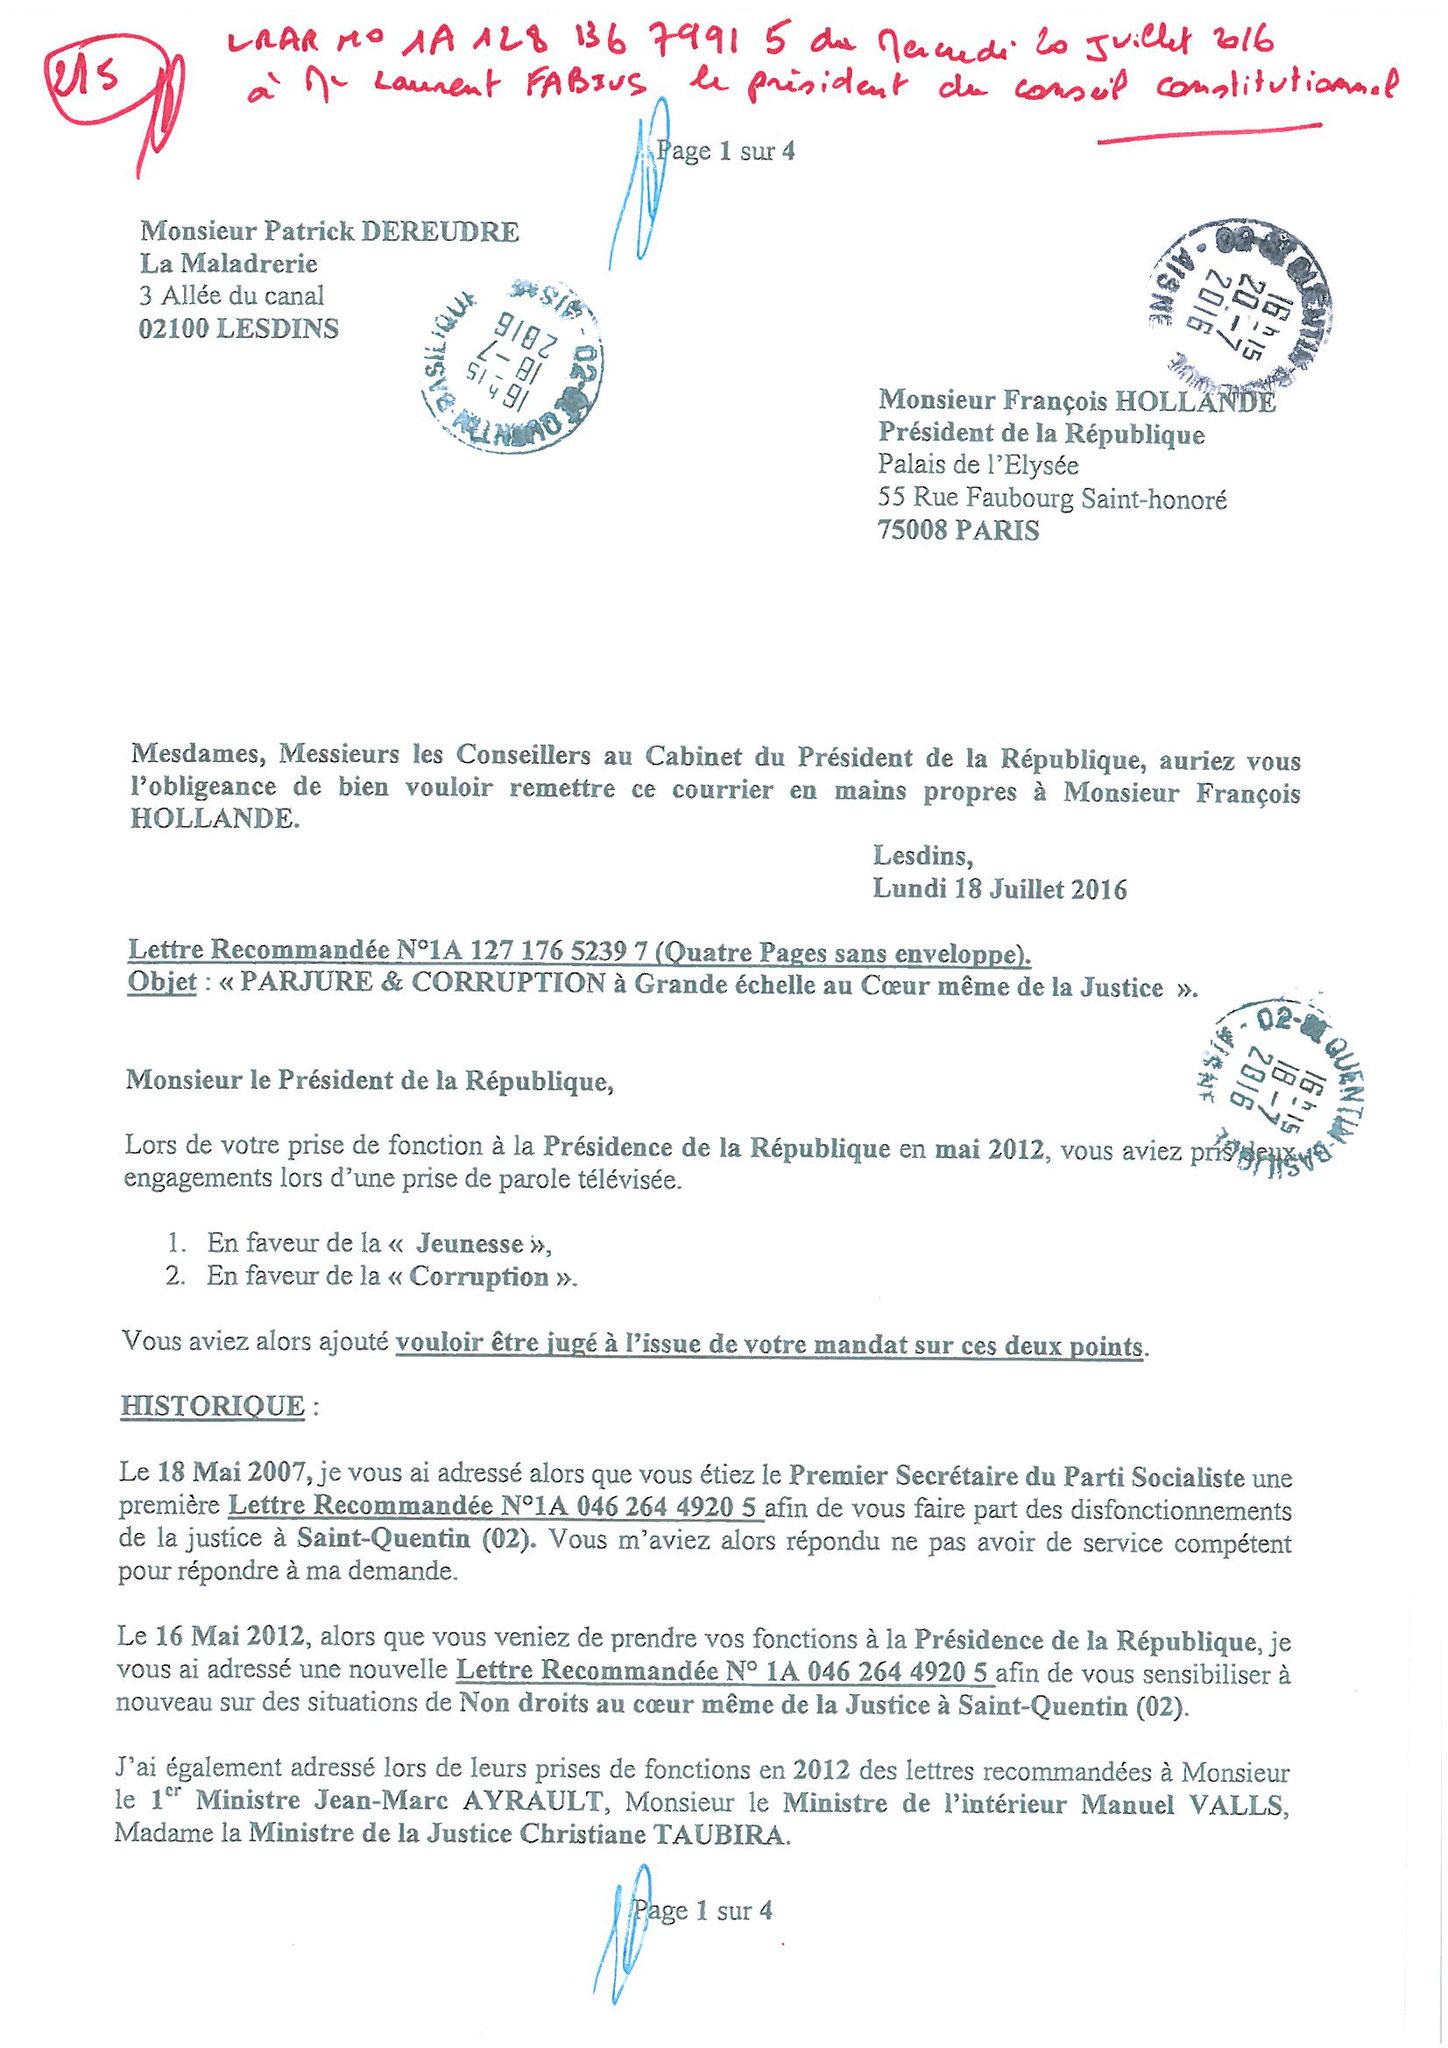 LRAR du 20 Juillet 2016 à Monsieur Laurent FABIUS le Président du Conseil Constitutionnel page 2 à 5 www.maisonnonconforme.fr